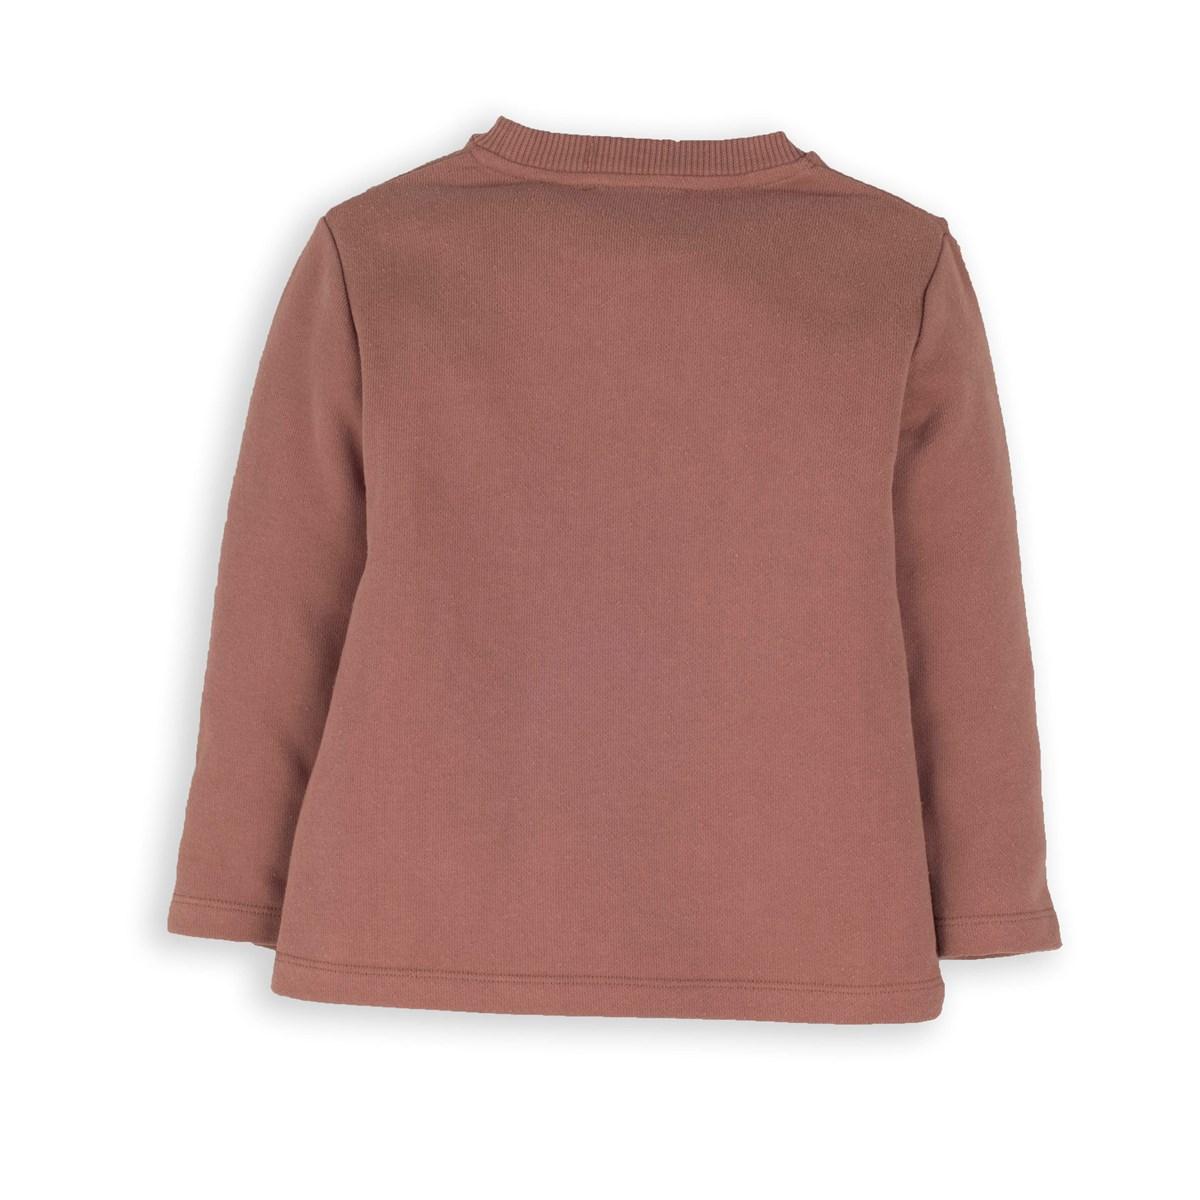 14013 Sweatshirt 2